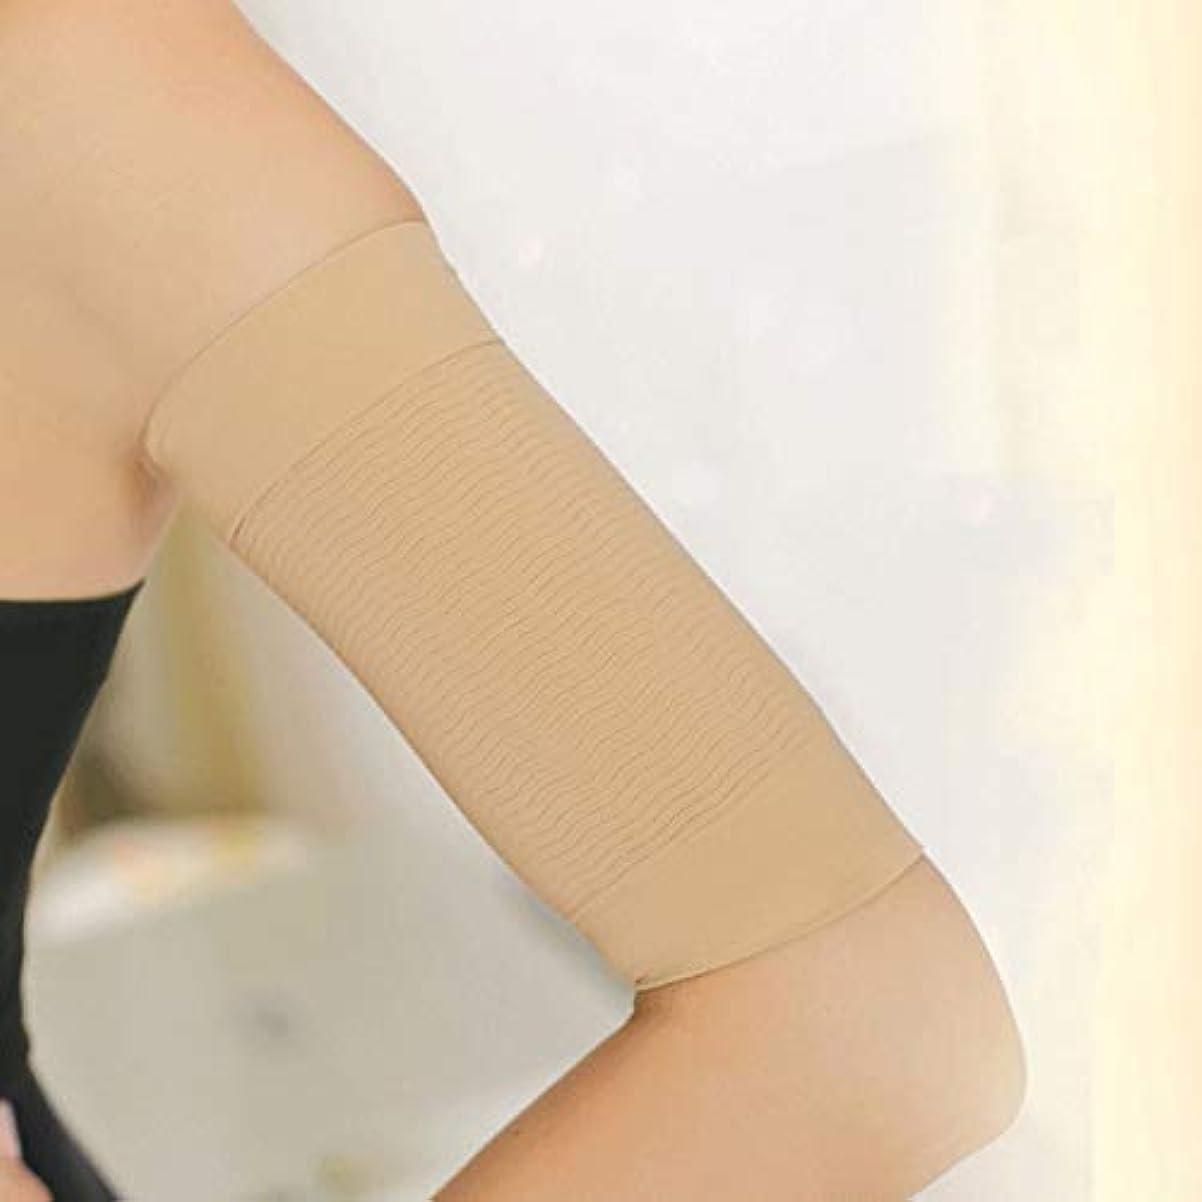 機関メジャーインシュレータ1ペア420 d圧縮痩身アームスリーブワークアウトトーニングバーンセルライトシェイパー脂肪燃焼袖用女性